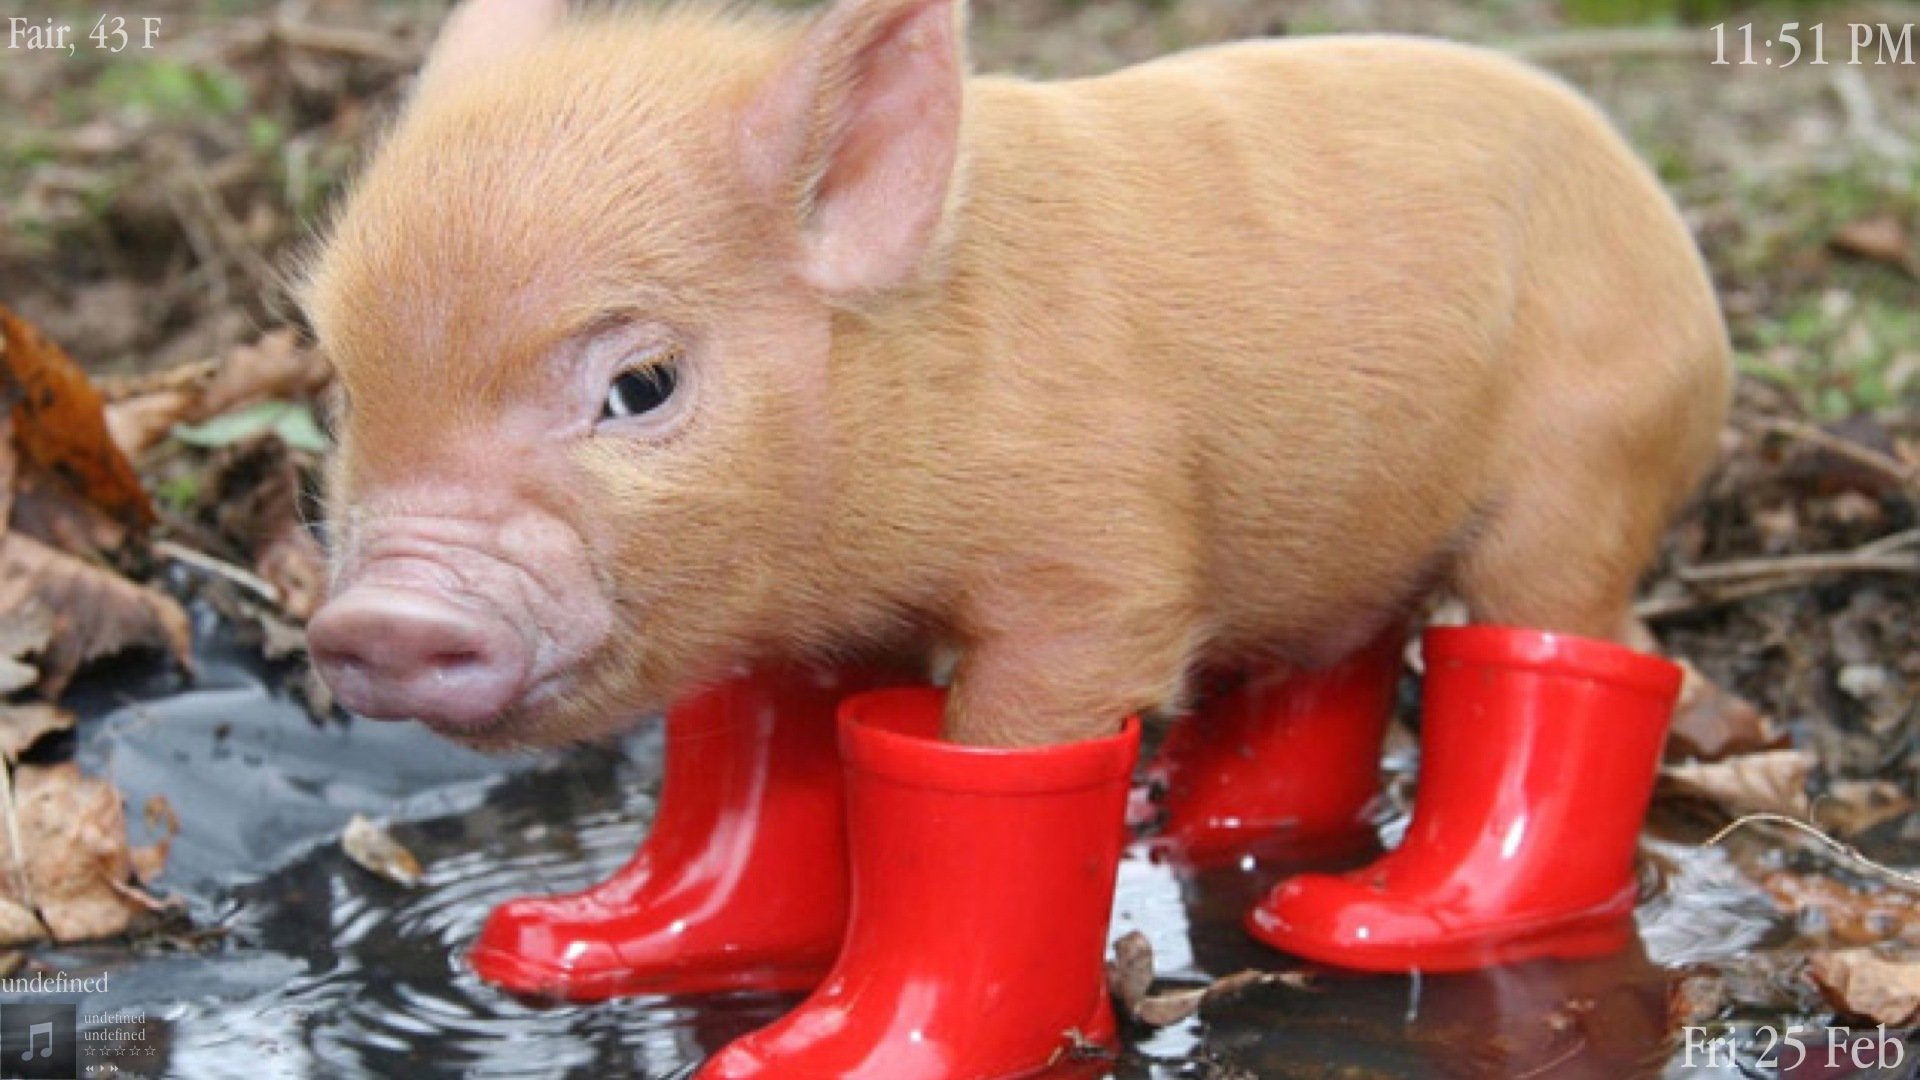 Pig in boots Desktop wallpapers 640x480 1920x1080